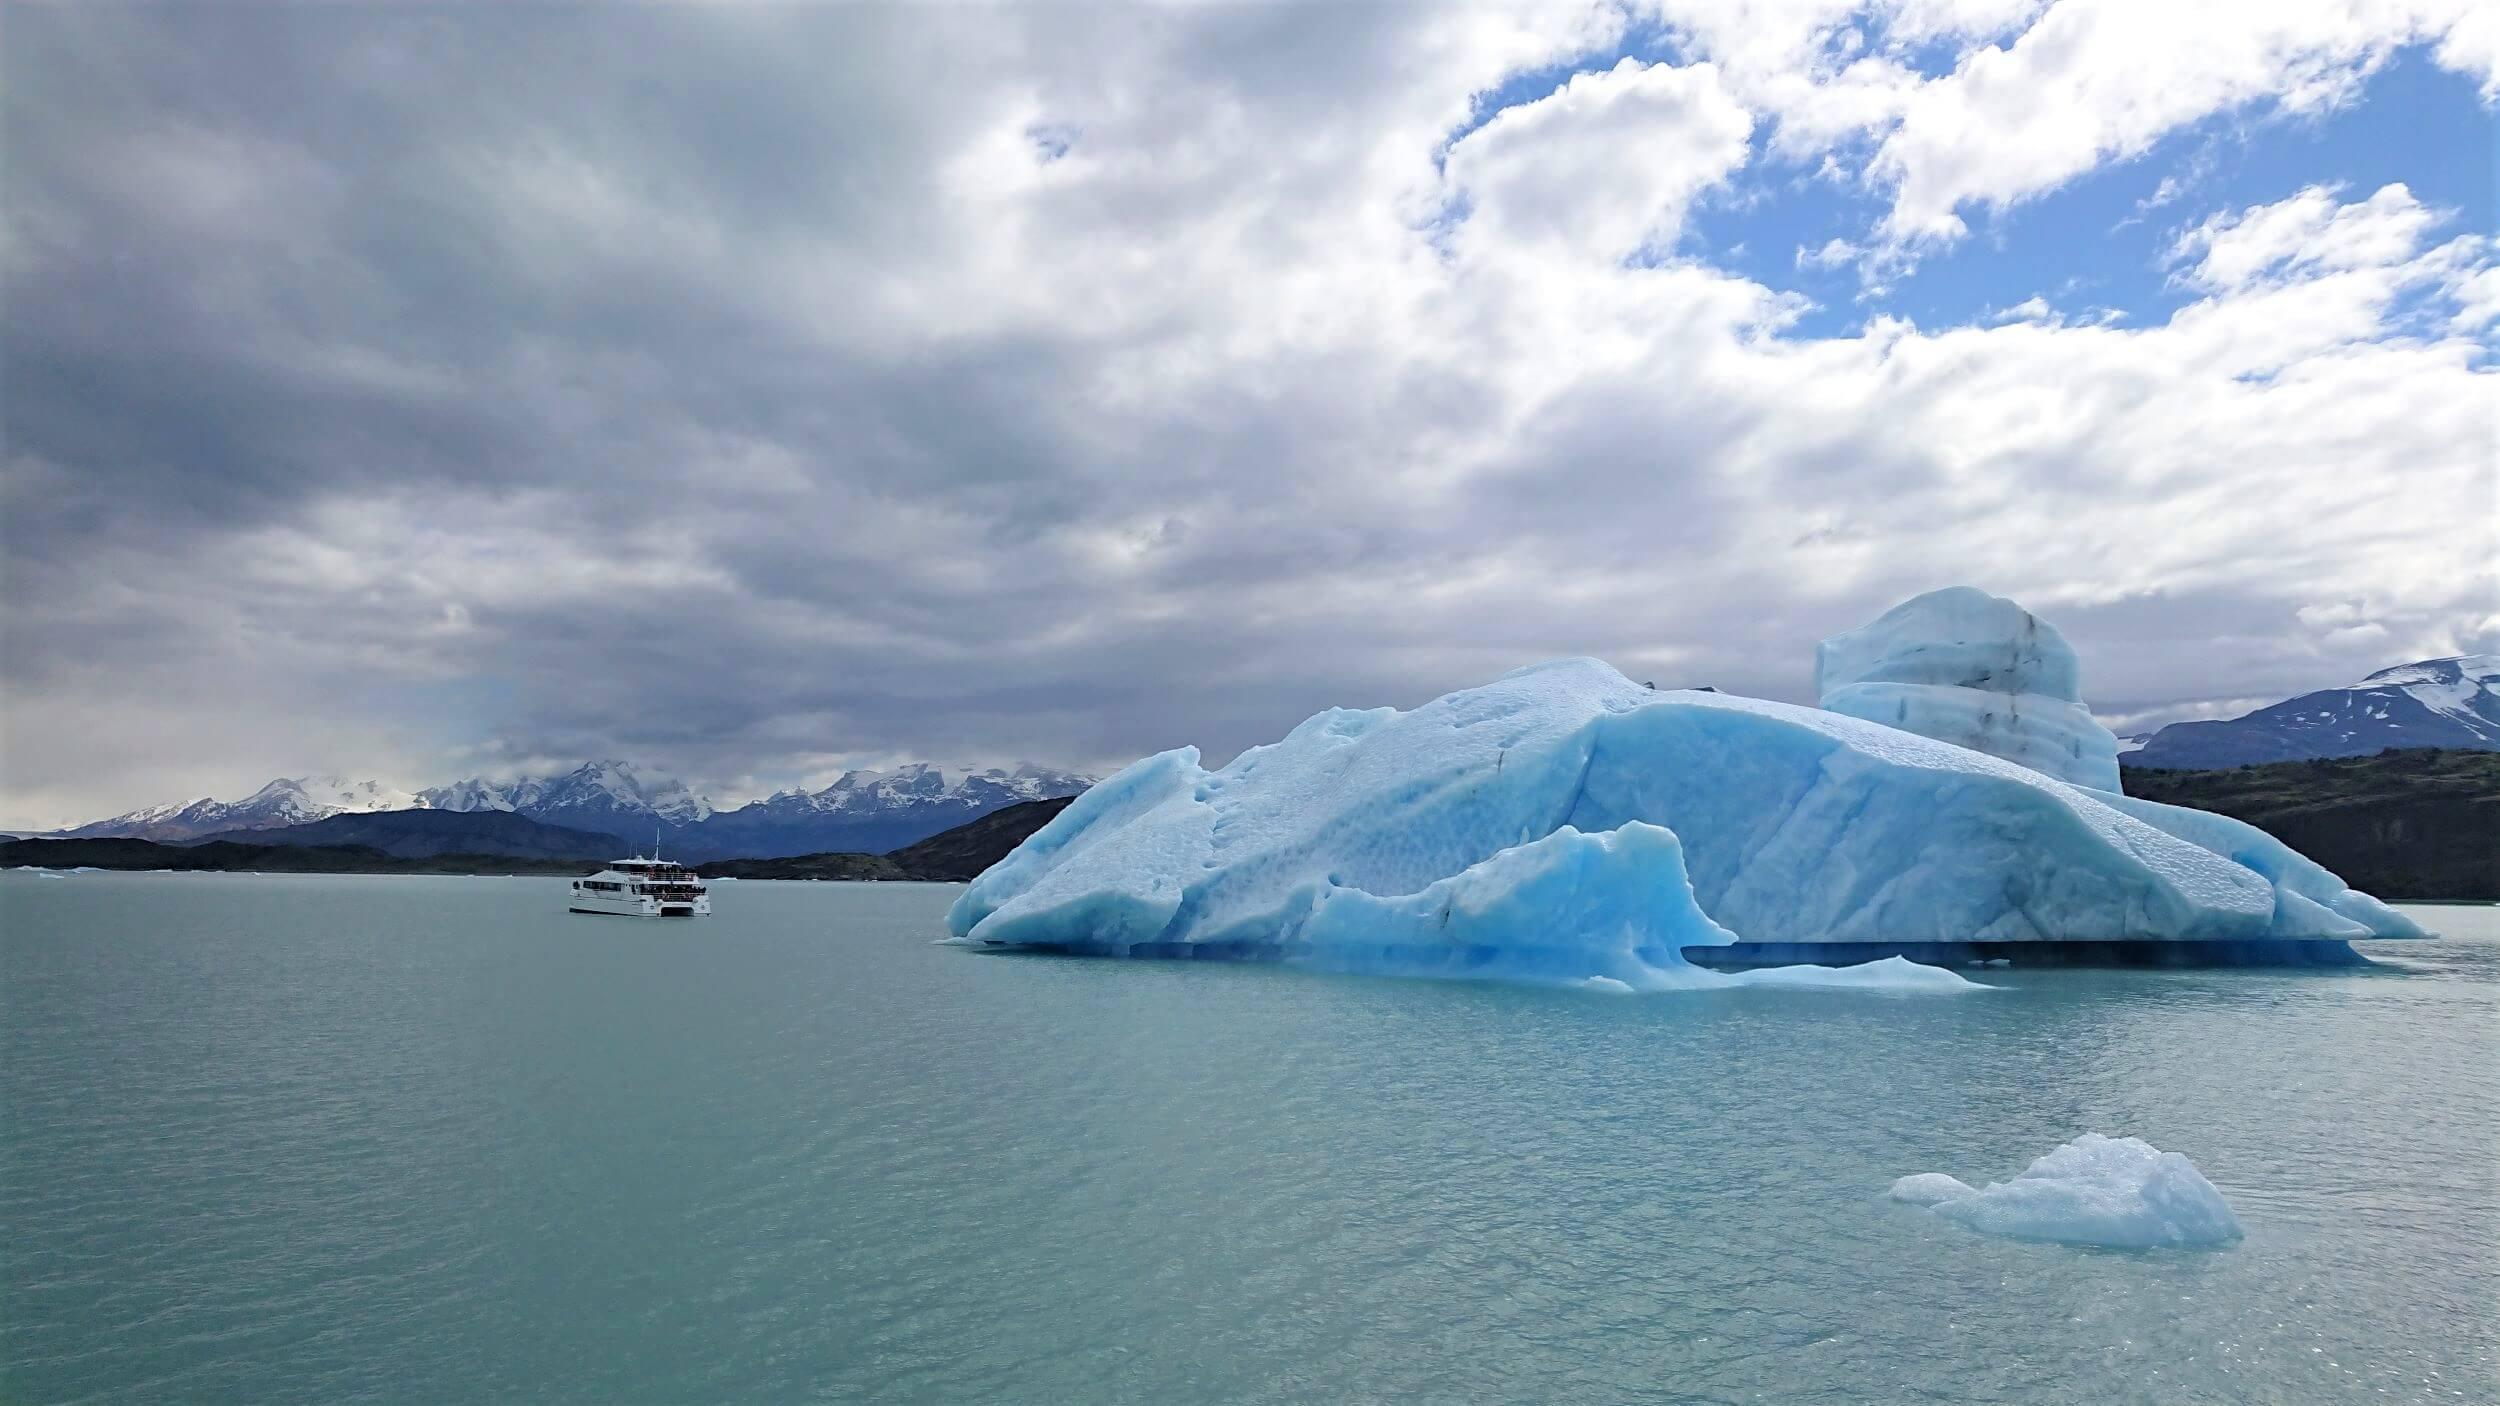 Glacier Iceberg in Patagonia